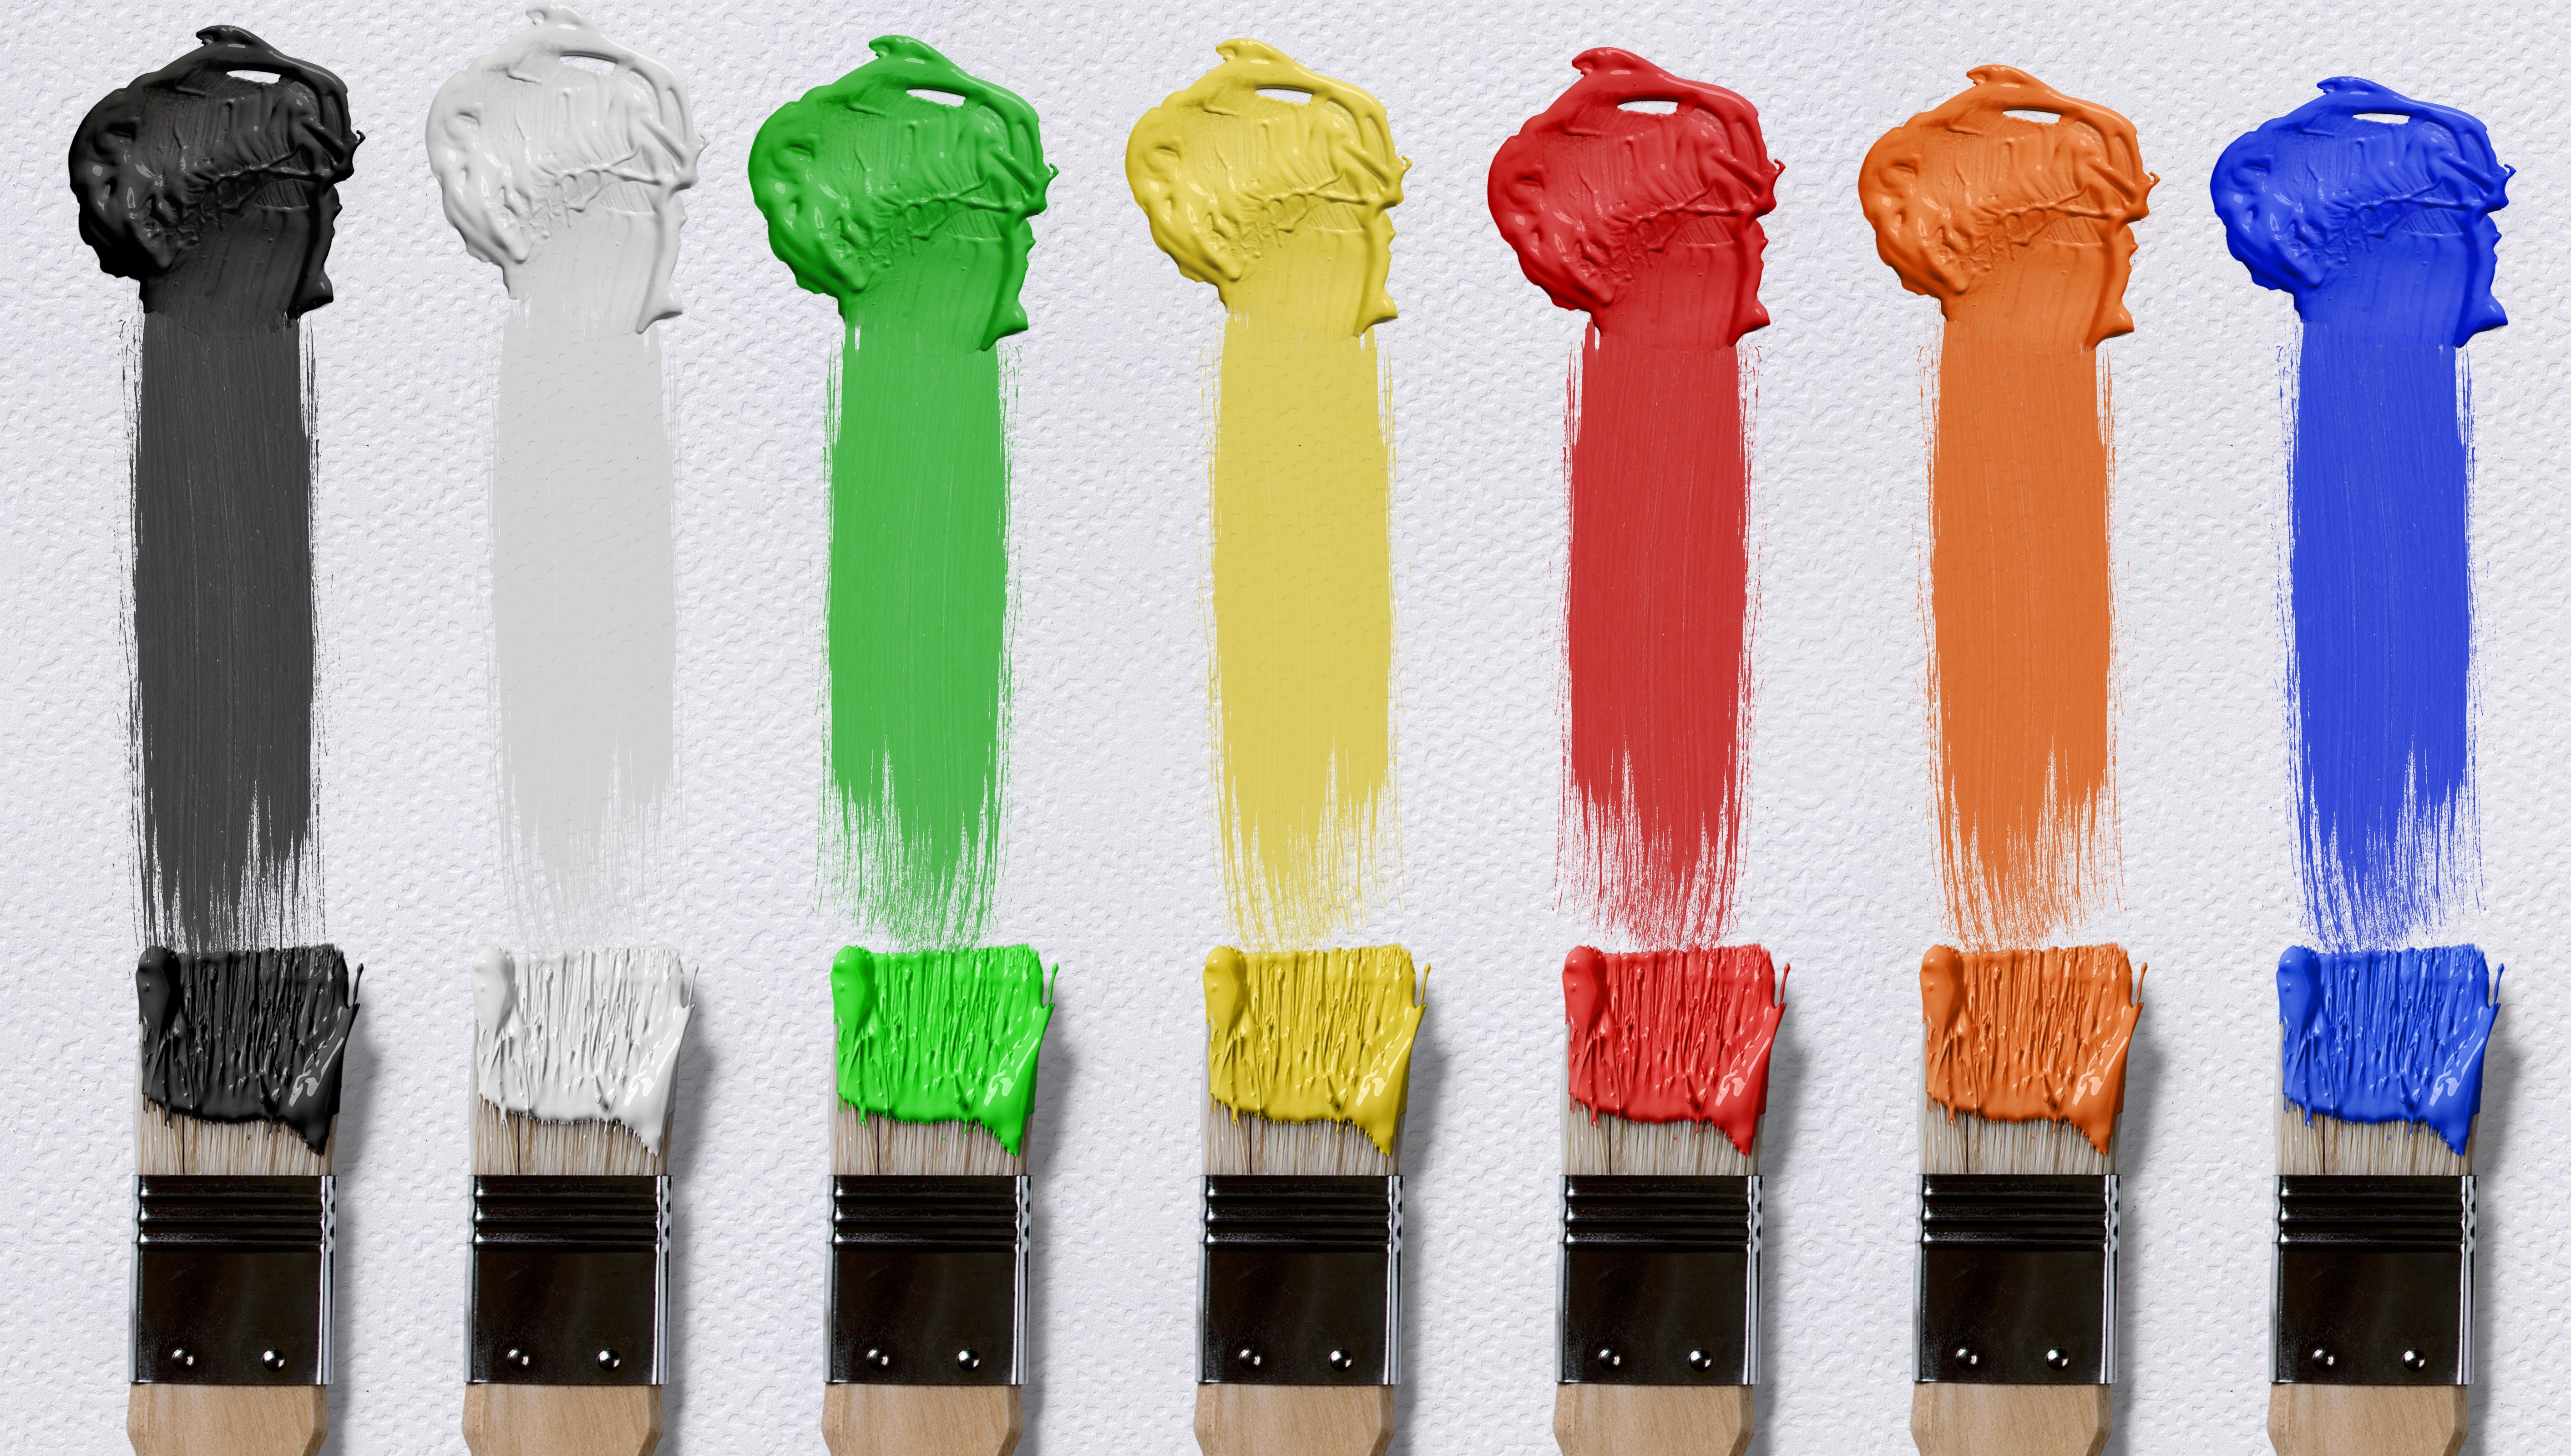 NOVINKA! Vzorky barev v prodeji!